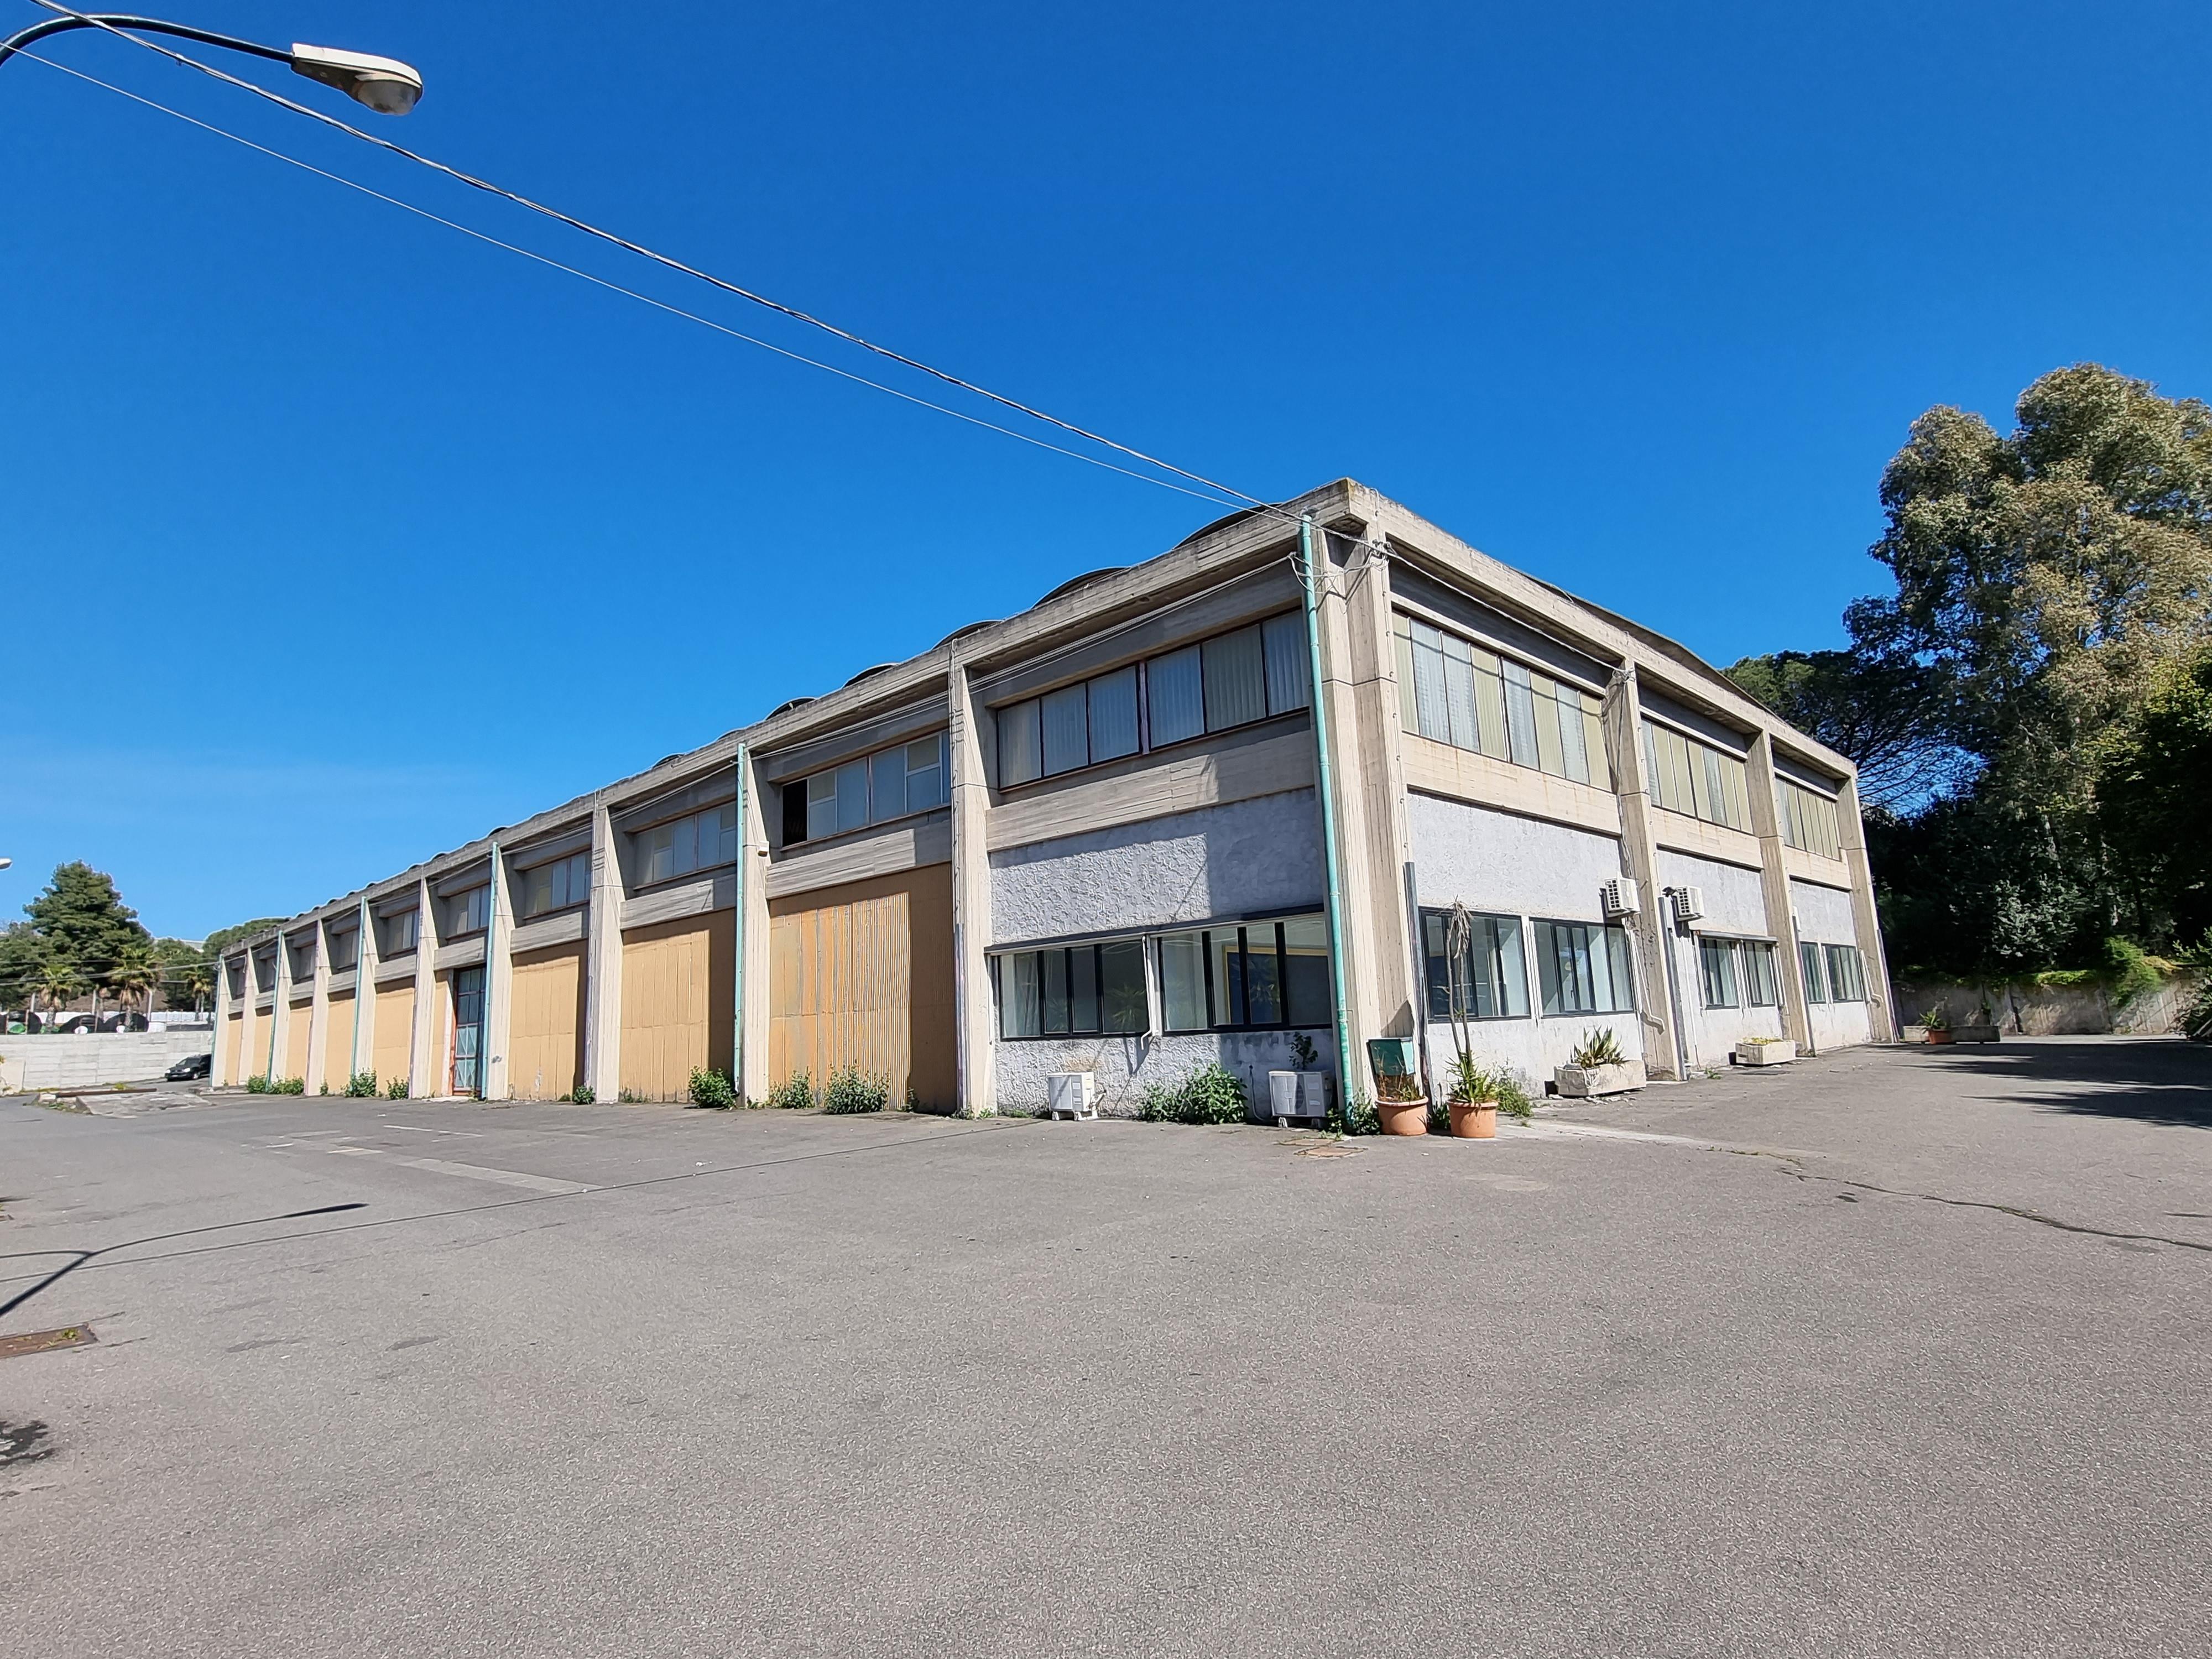 Capannone industriale di mq 1720 in vendita - foto 1